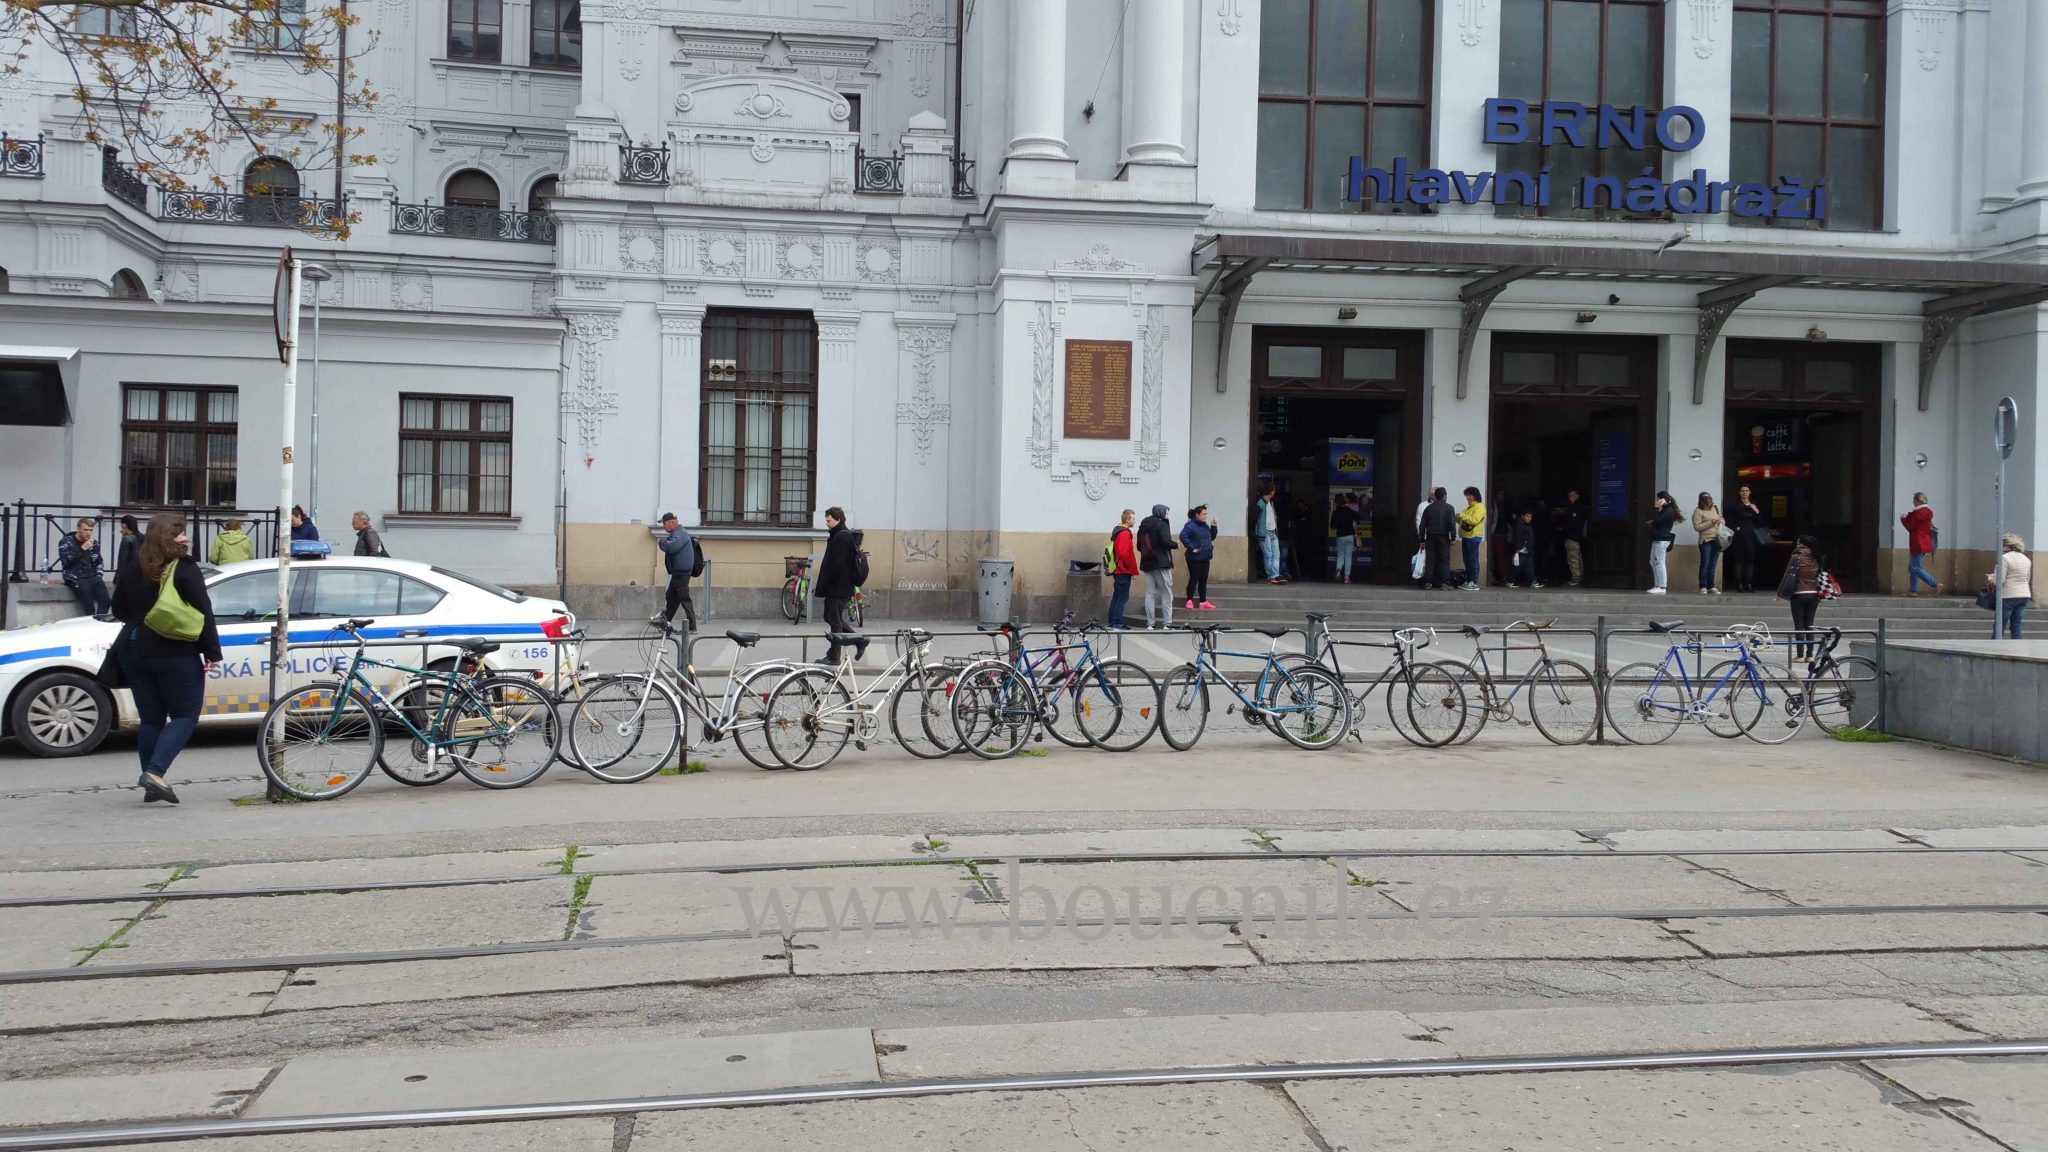 Kola před brněnským nádražím, květen 2016